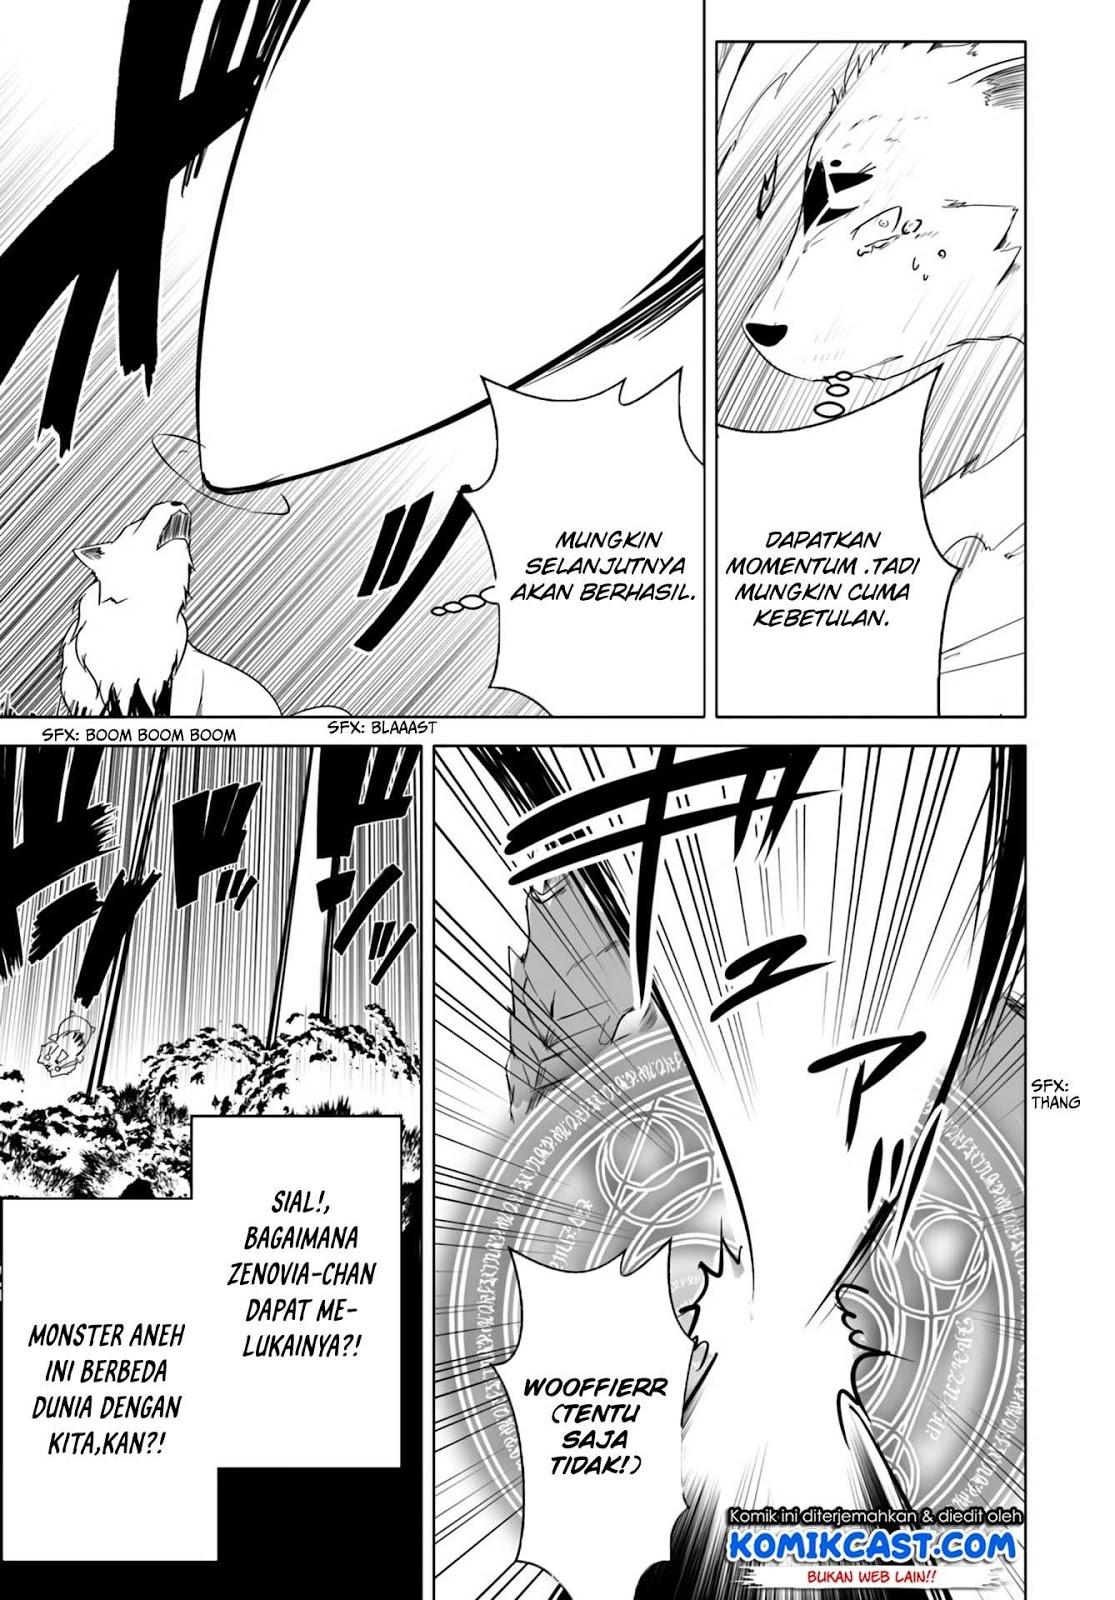 Wanwan Monogatari: Kanemochi no Inu ni Shite to wa Itta ga, Fenrir ni Shiro to wa Itte Nee!: Chapter 12.2 - Page 6